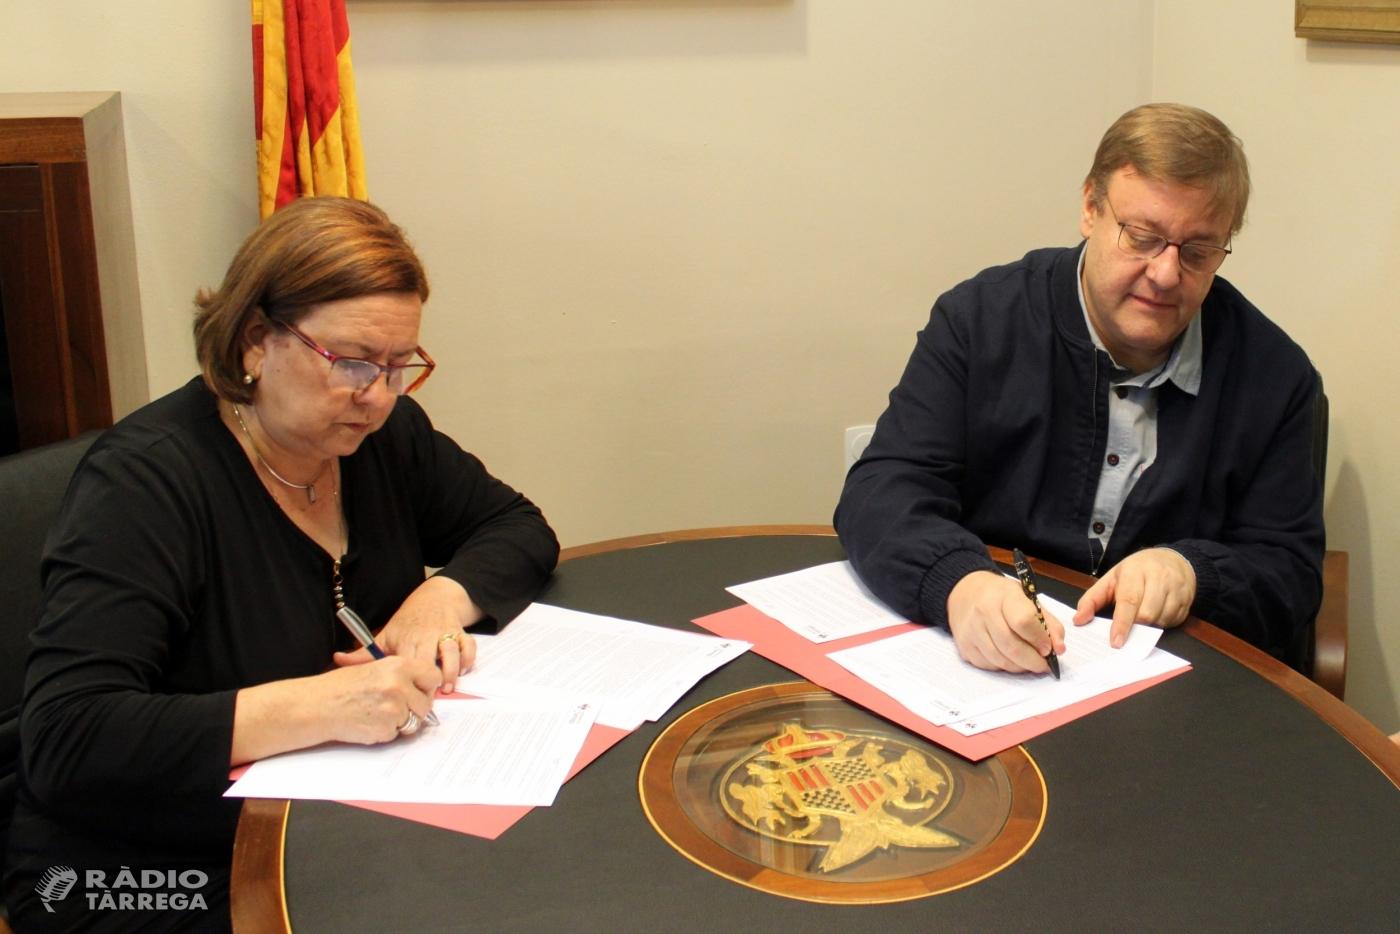 L'Ajuntament de Tàrrega renova la cessió de l'edifici de titularitat municipal que acull l'Escola Pia